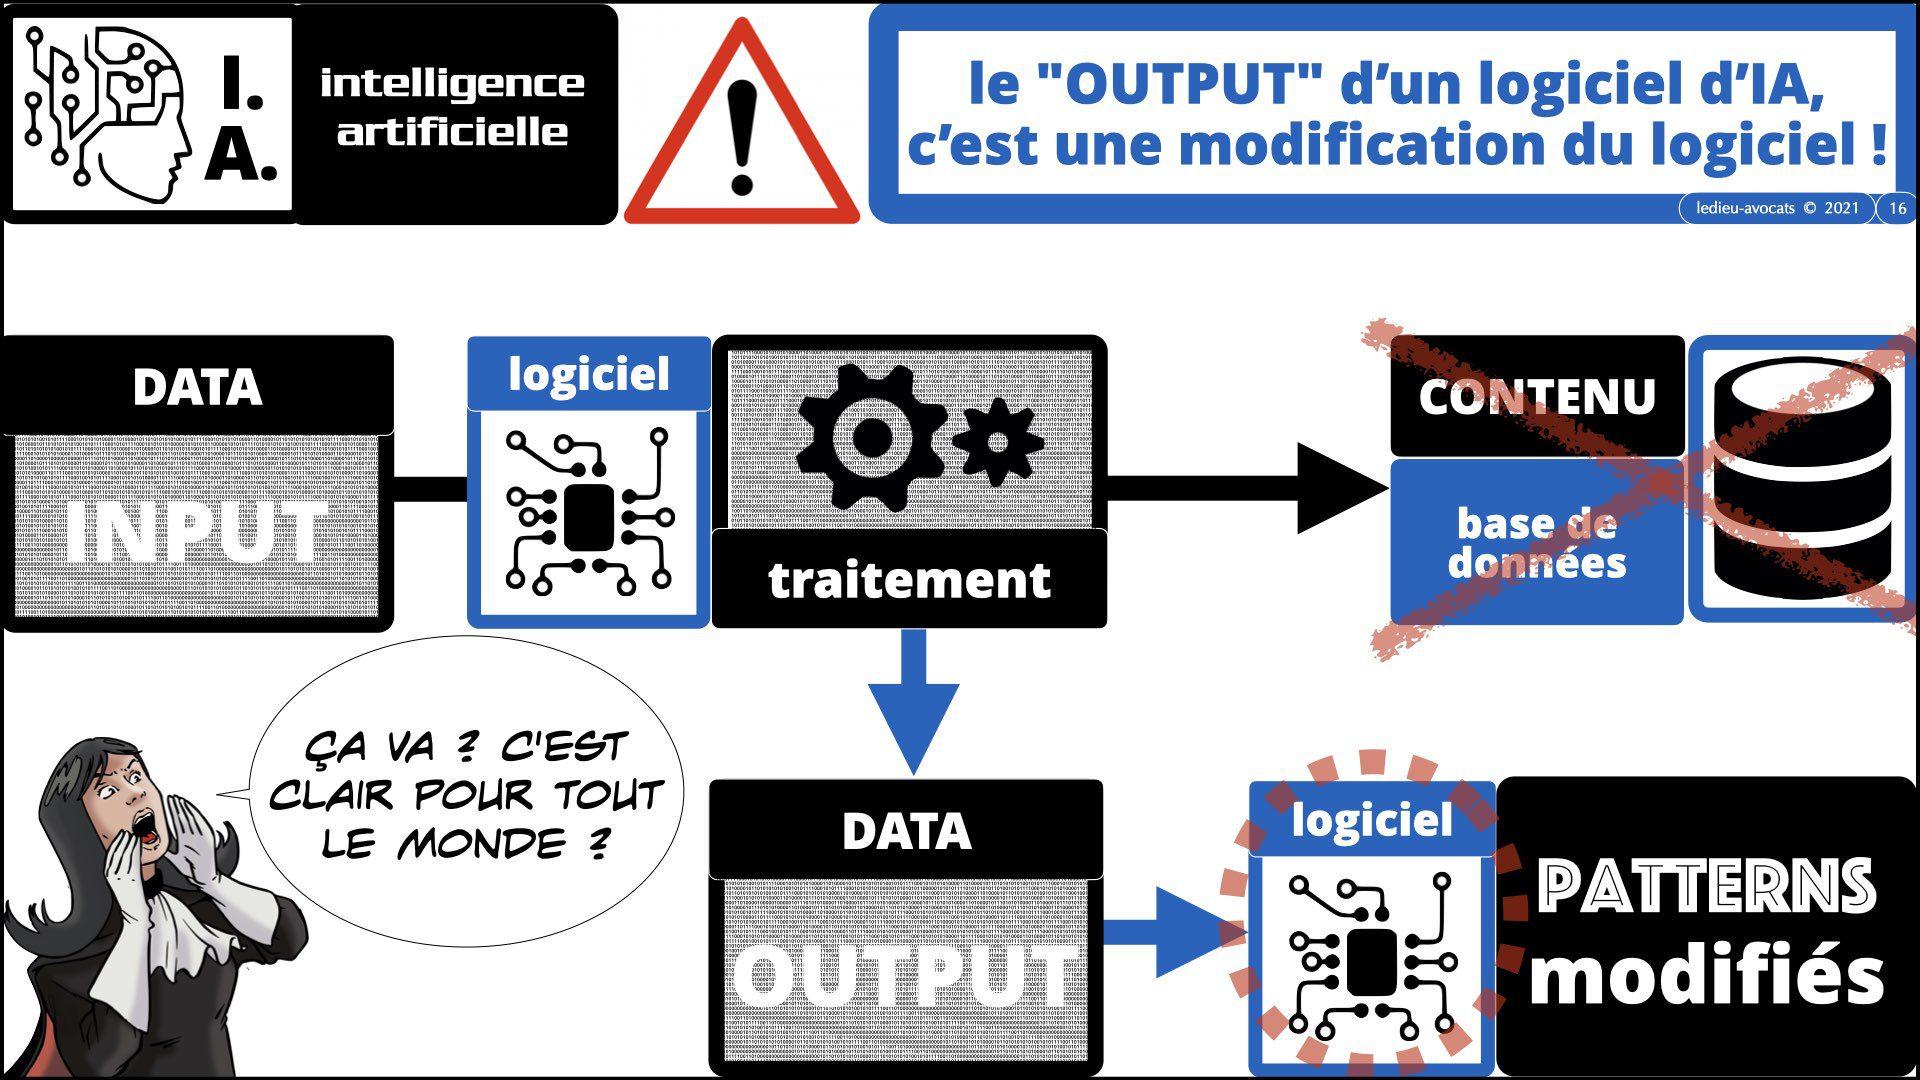 service LOGICIEL SaaS 2021 : OUTPUT et IA